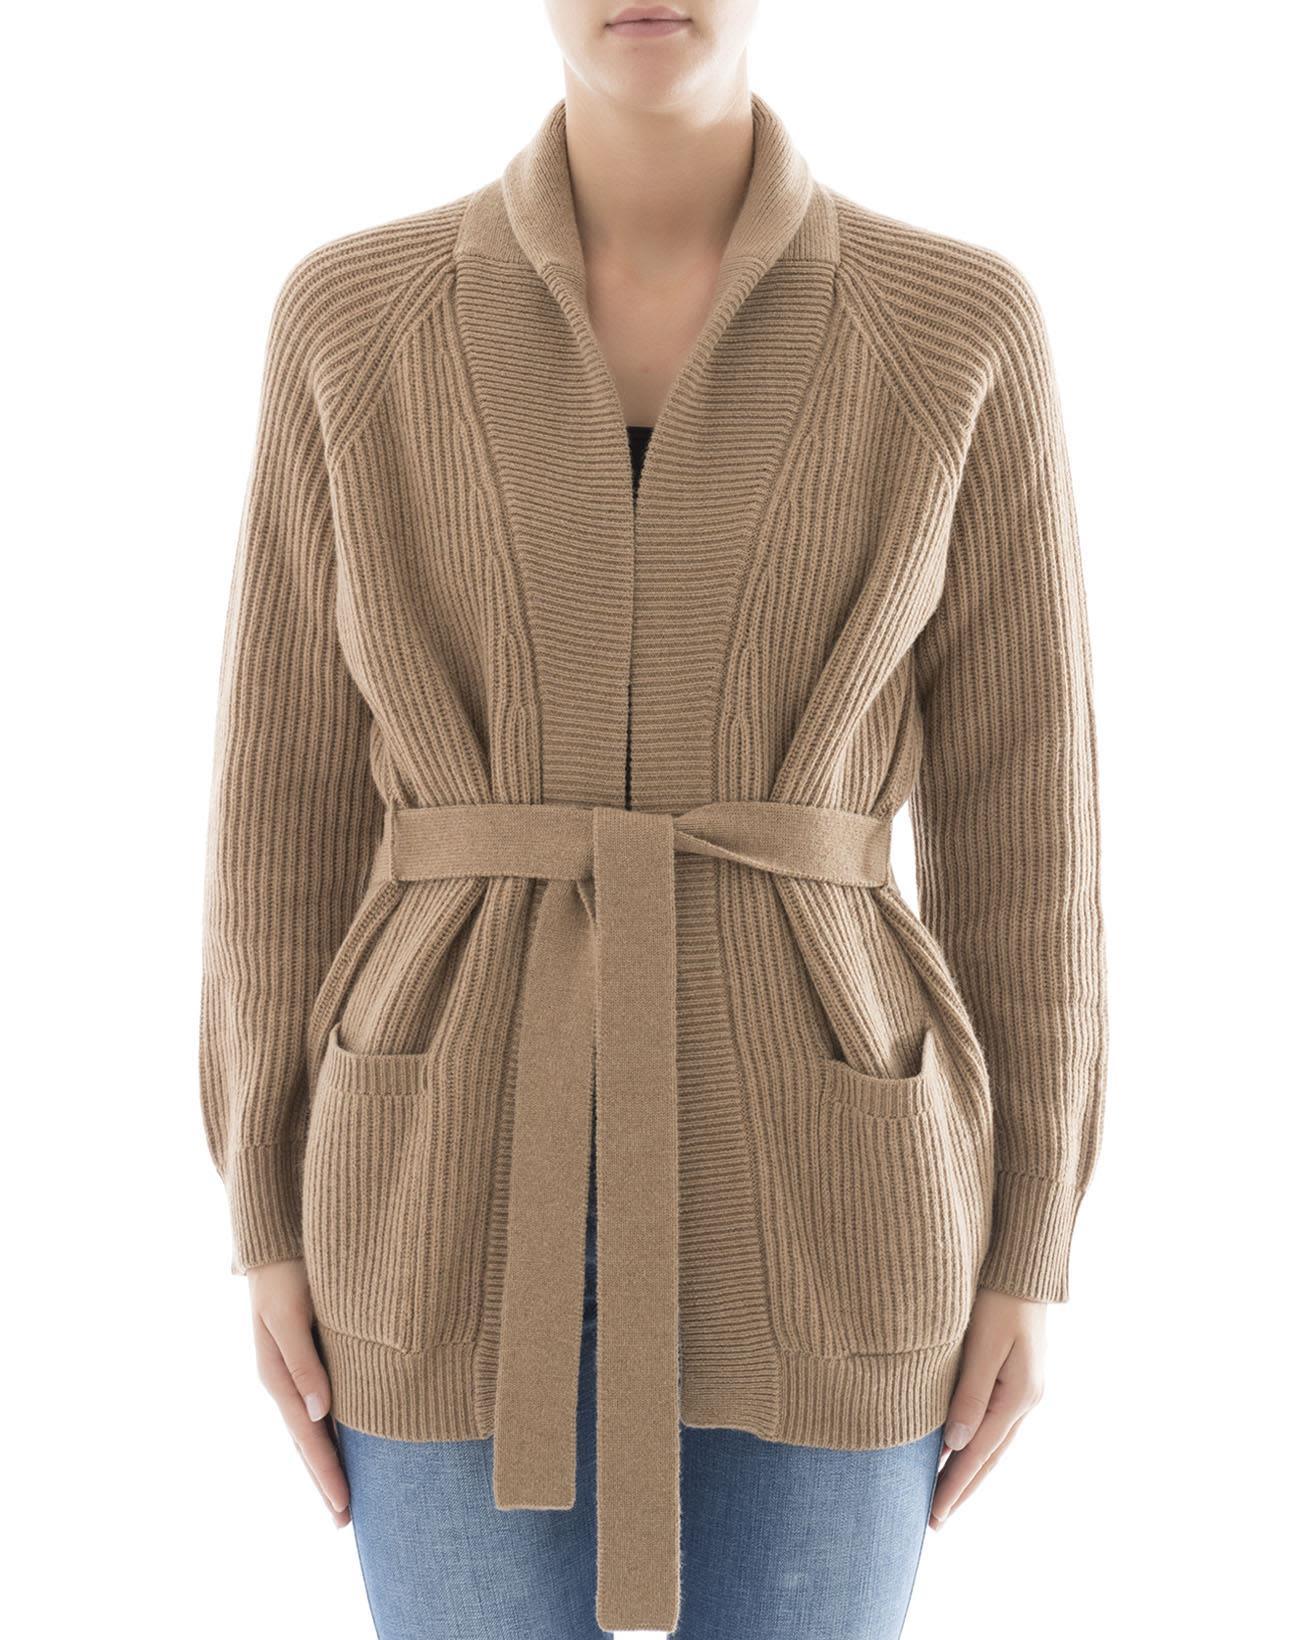 Brown Wool Cardigan